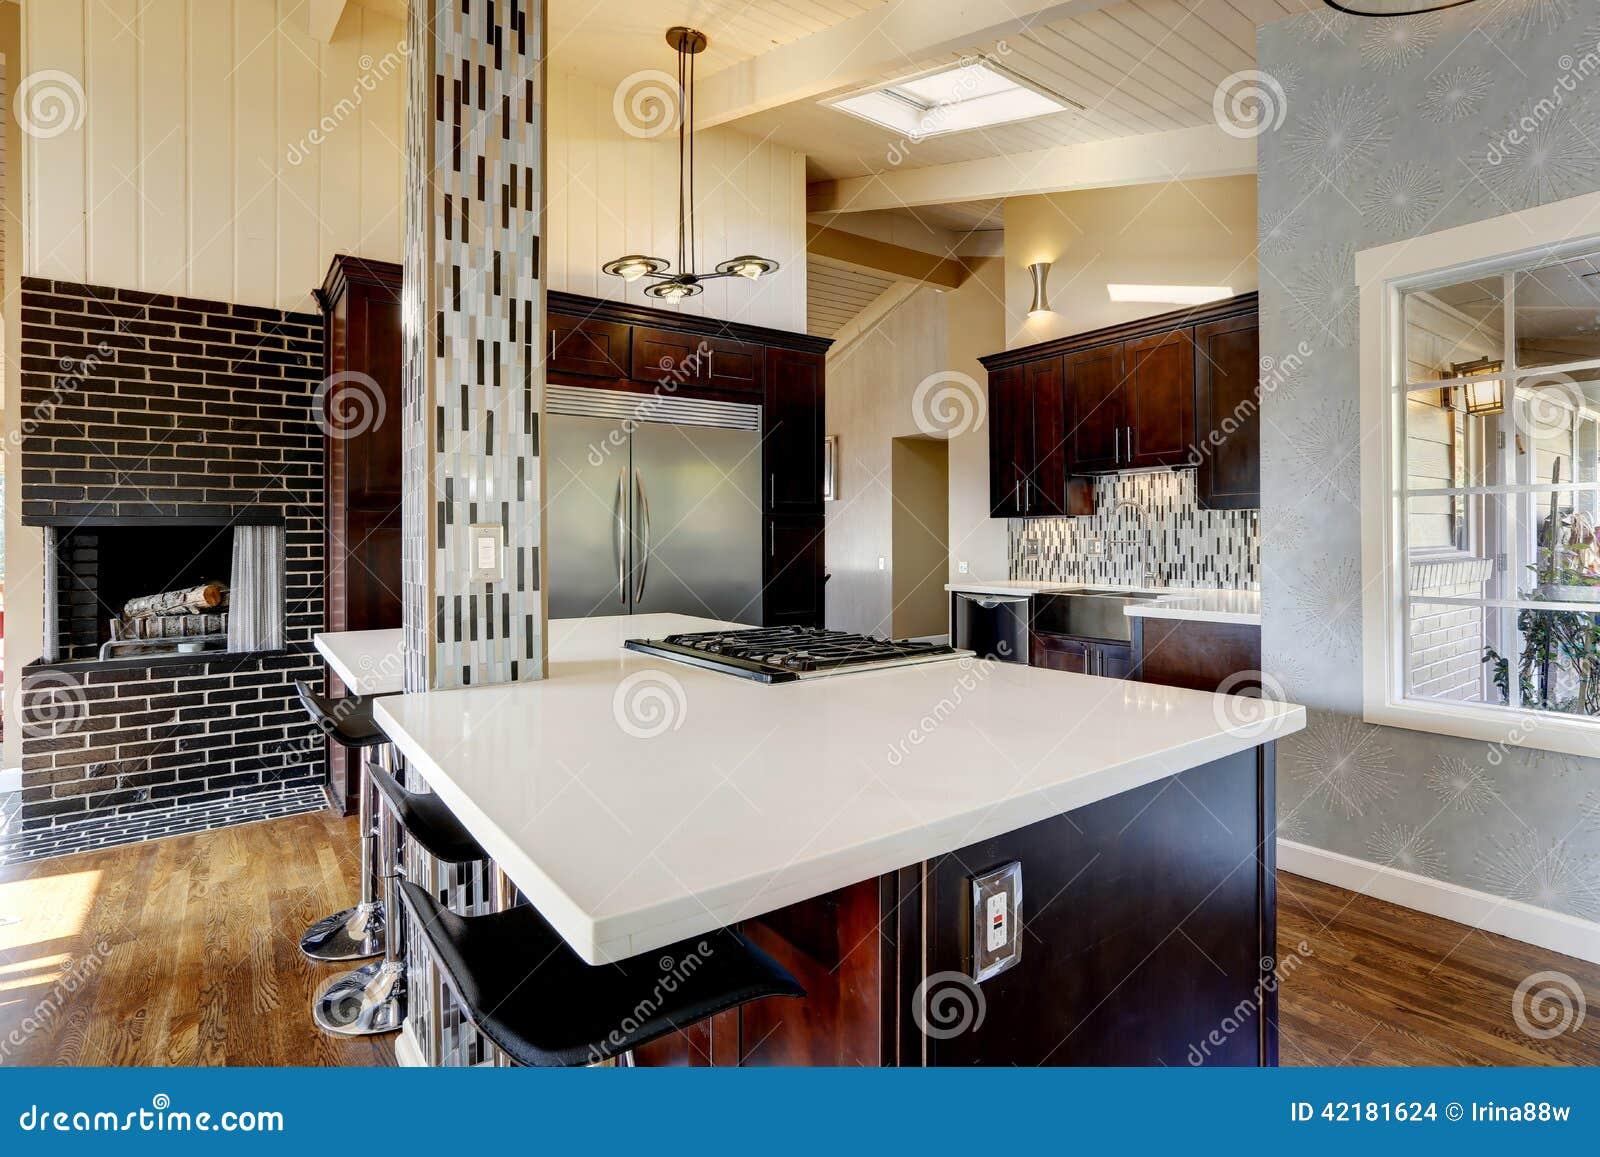 Cucina moderna con camino im58 regardsdefemmes - Sostituire il top della cucina ...